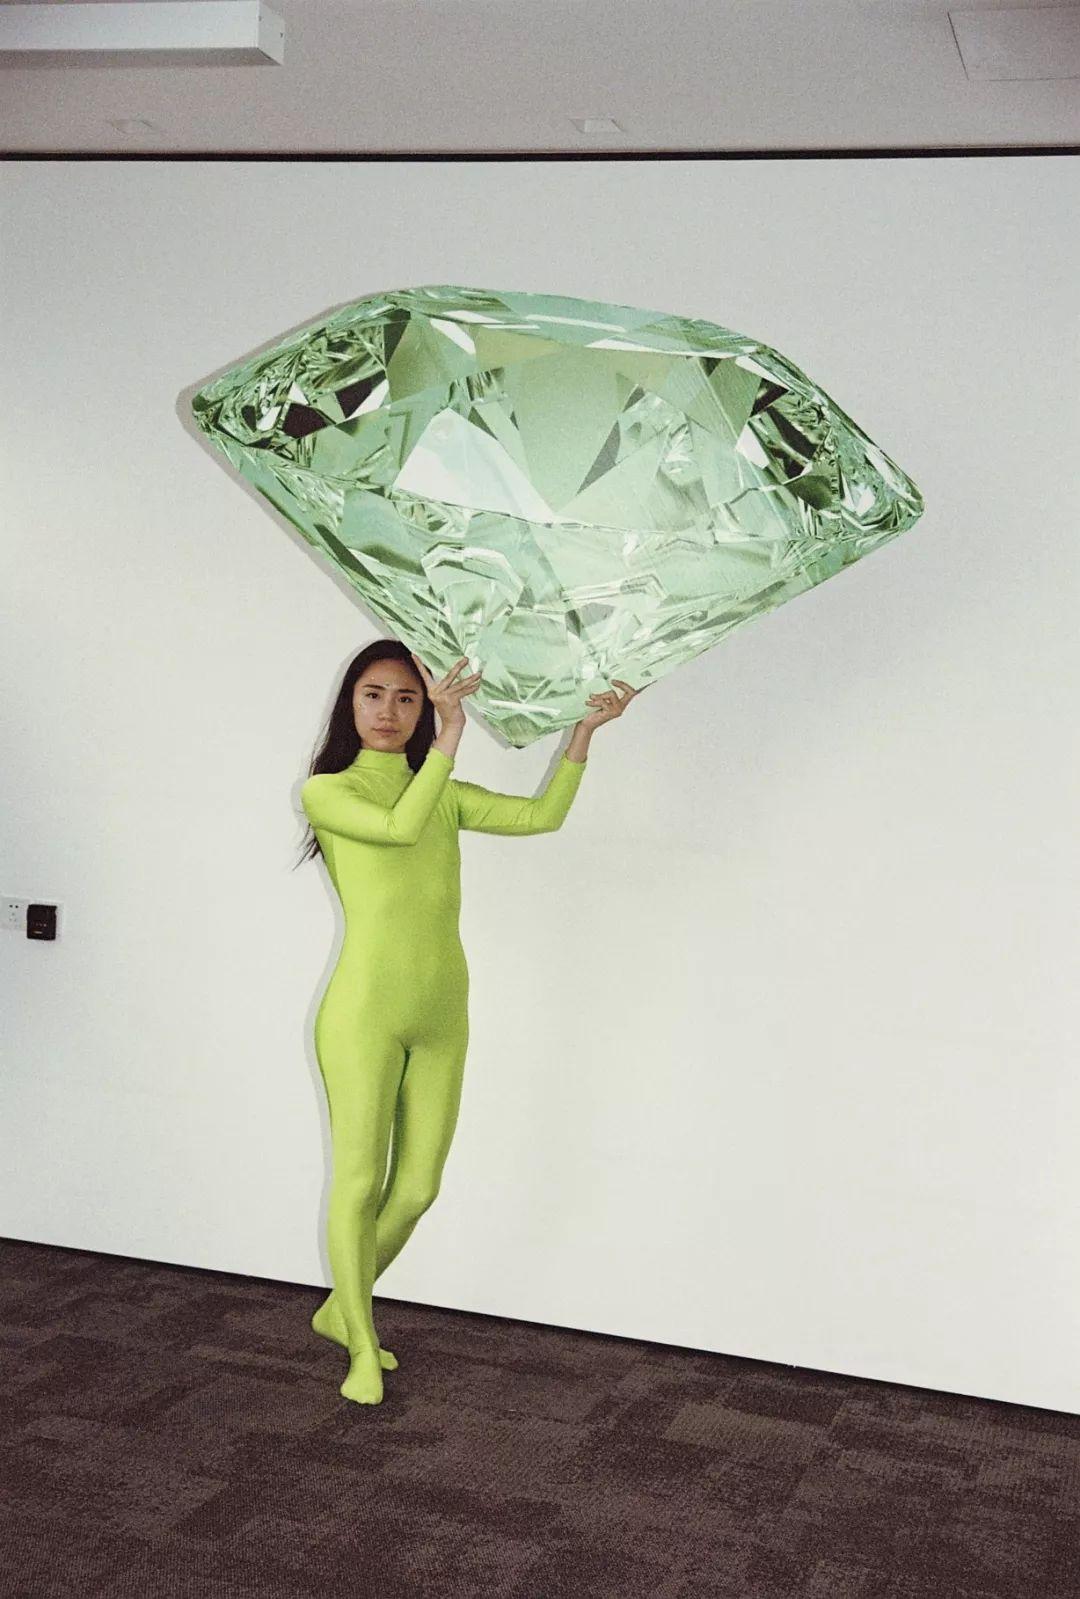 即将在中间美术馆驻留期间继续进行的作品《绿钻石》